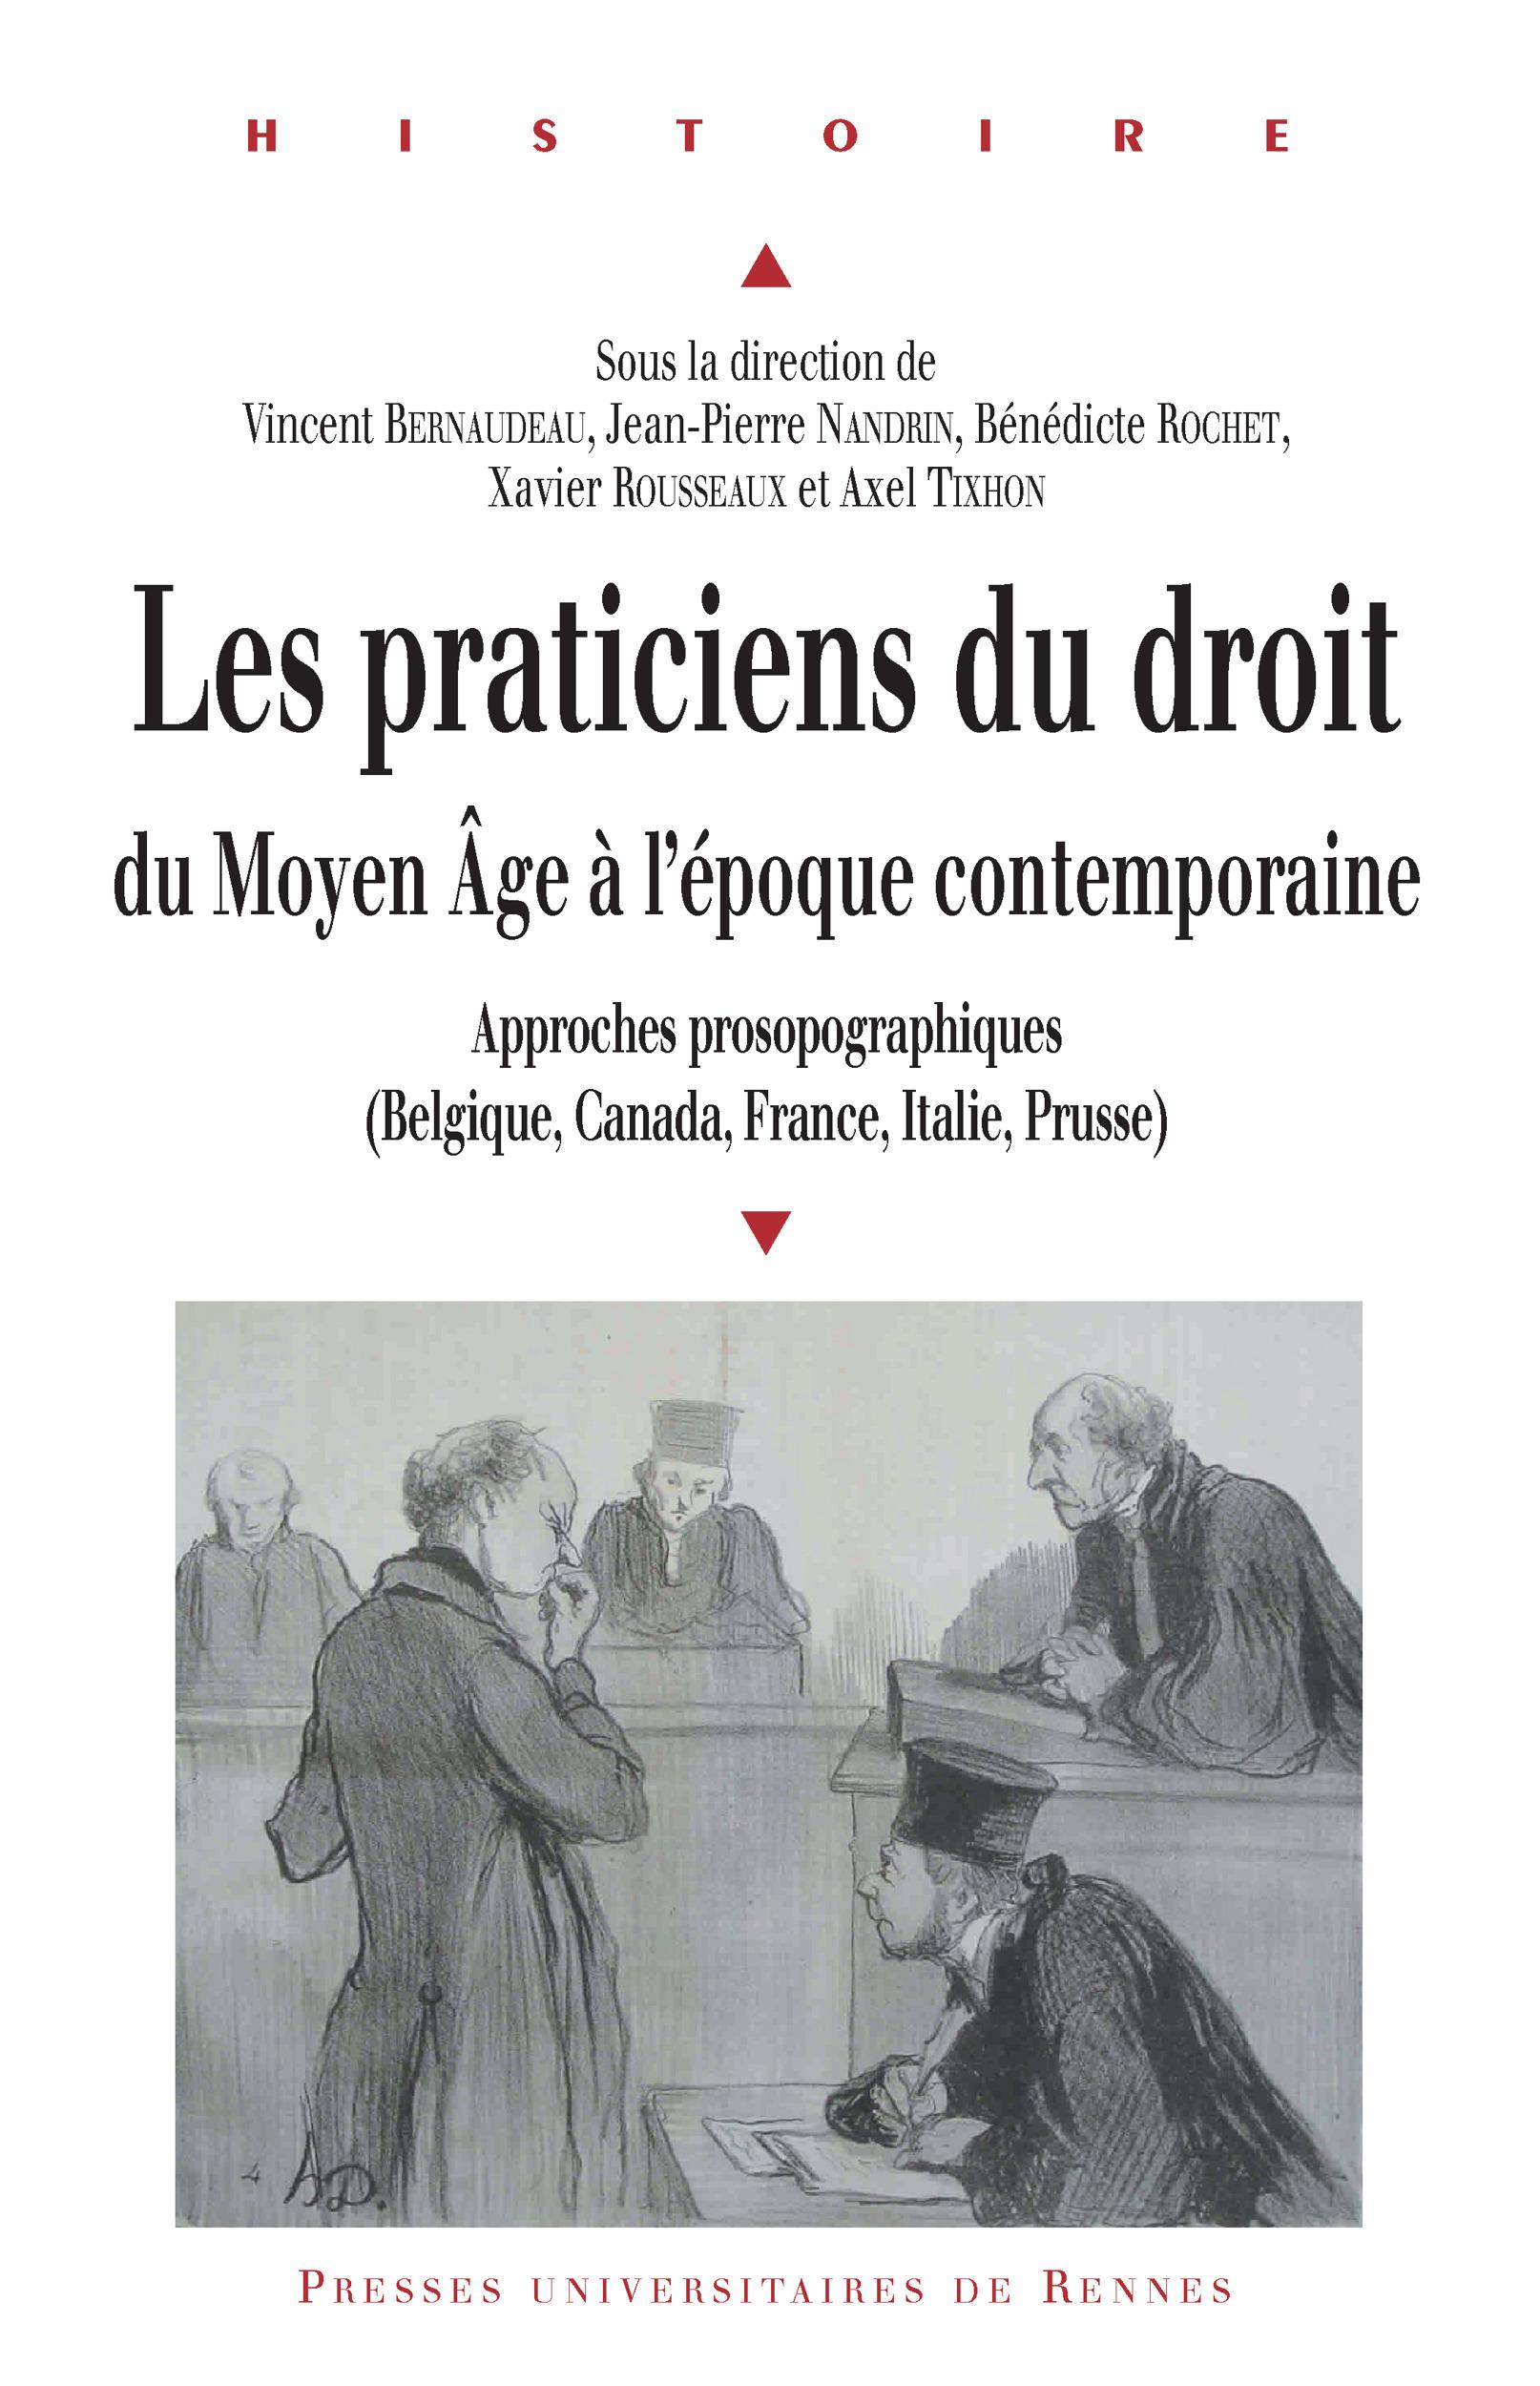 Praticiens du droit du Moyen Age à l'époque contemporaine